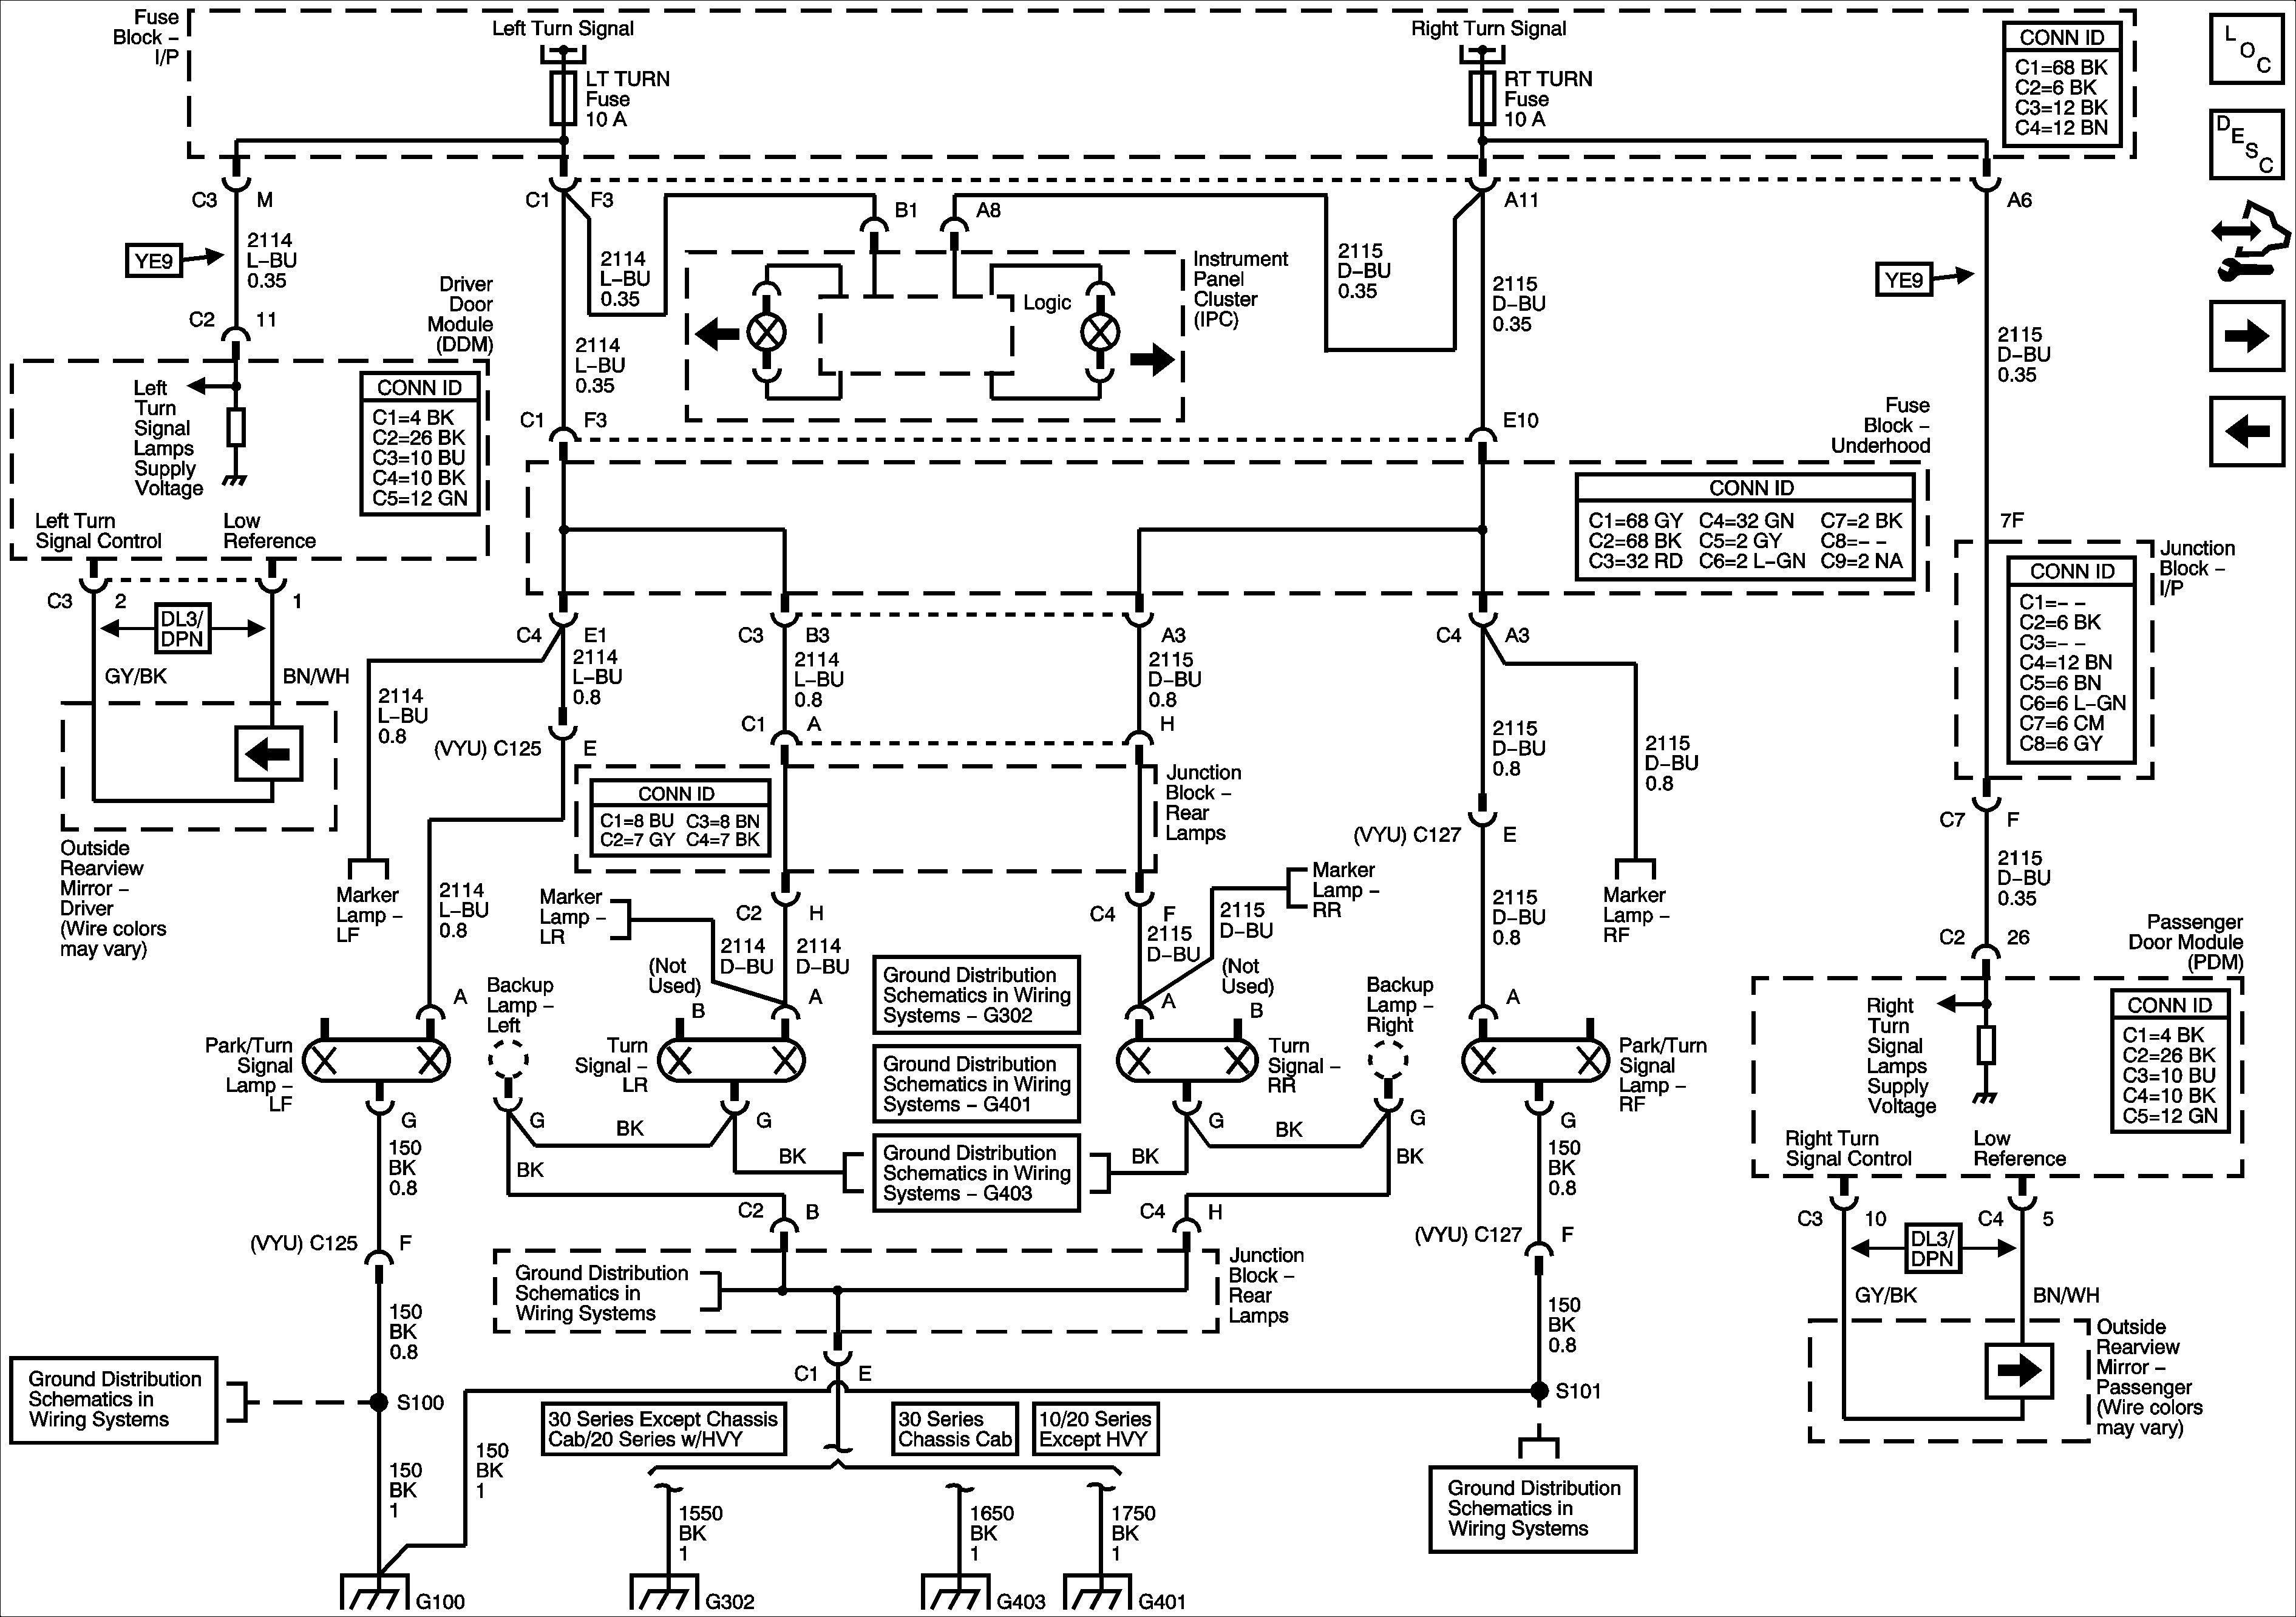 Unique Ac Schematics Diagram Wiringdiagram Diagramming Diagramm Visuals Visualisation Graphi Trailer Wiring Diagram 2006 Chevy Silverado Chevy Silverado